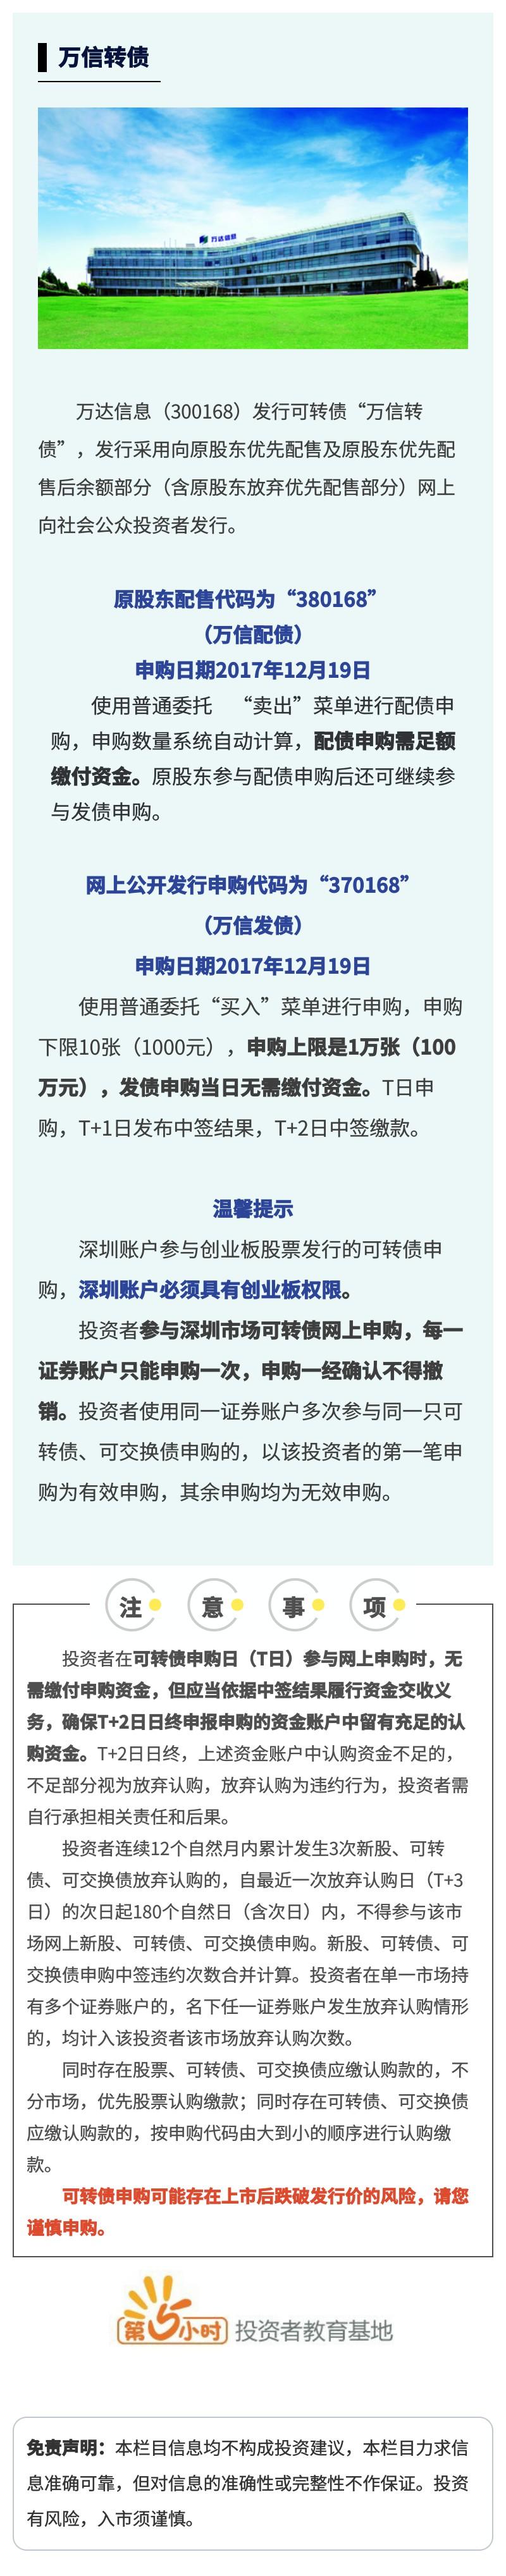 """【打新债】""""万达信息 """"公开发行可转换公司债.jpg"""